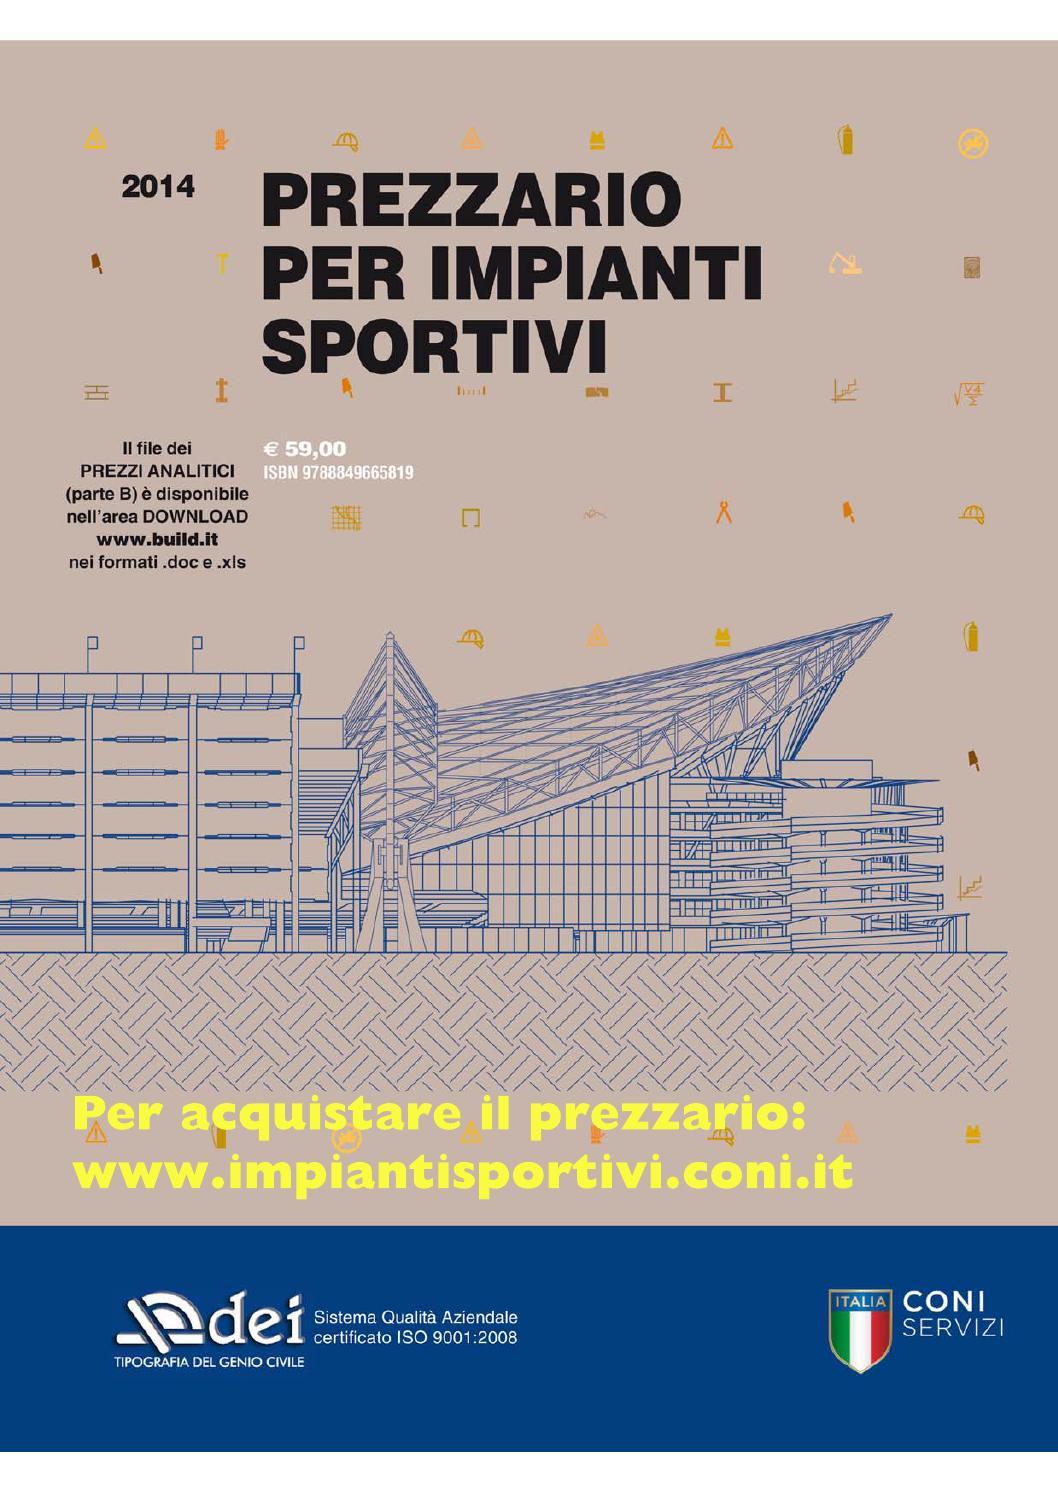 Prezzario Impianti Sportivi By Dei Tipografia Del Genio